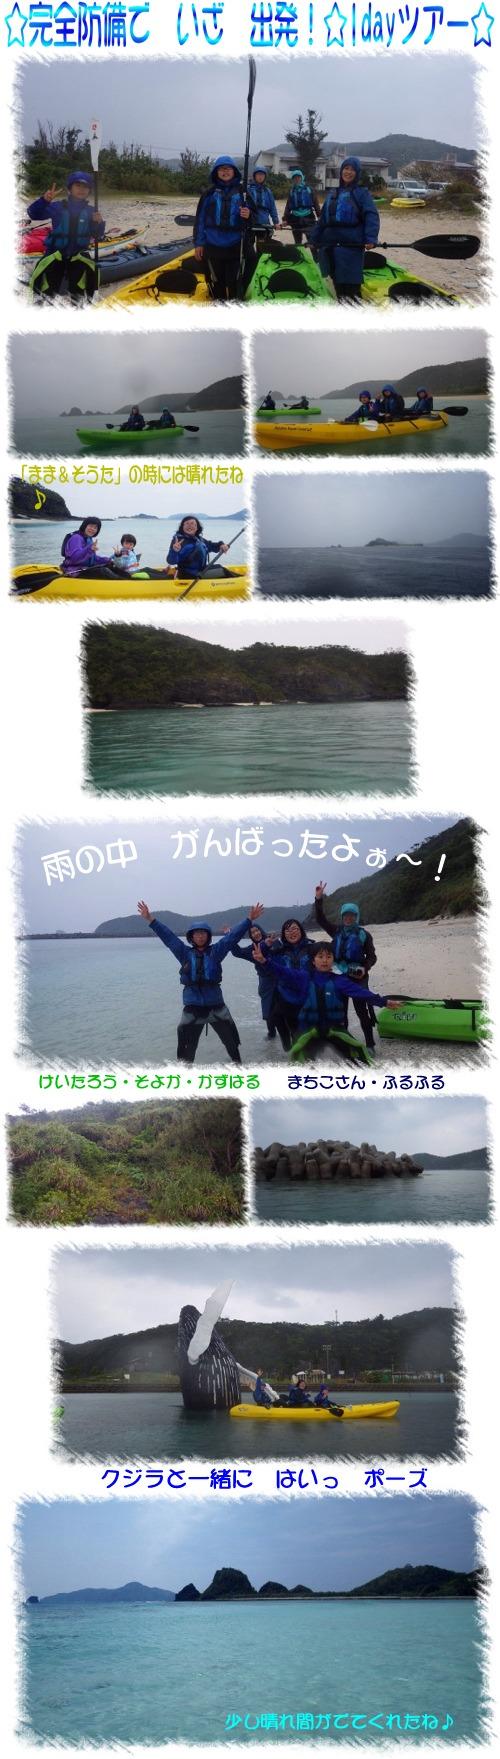 雨の1dayツアー②